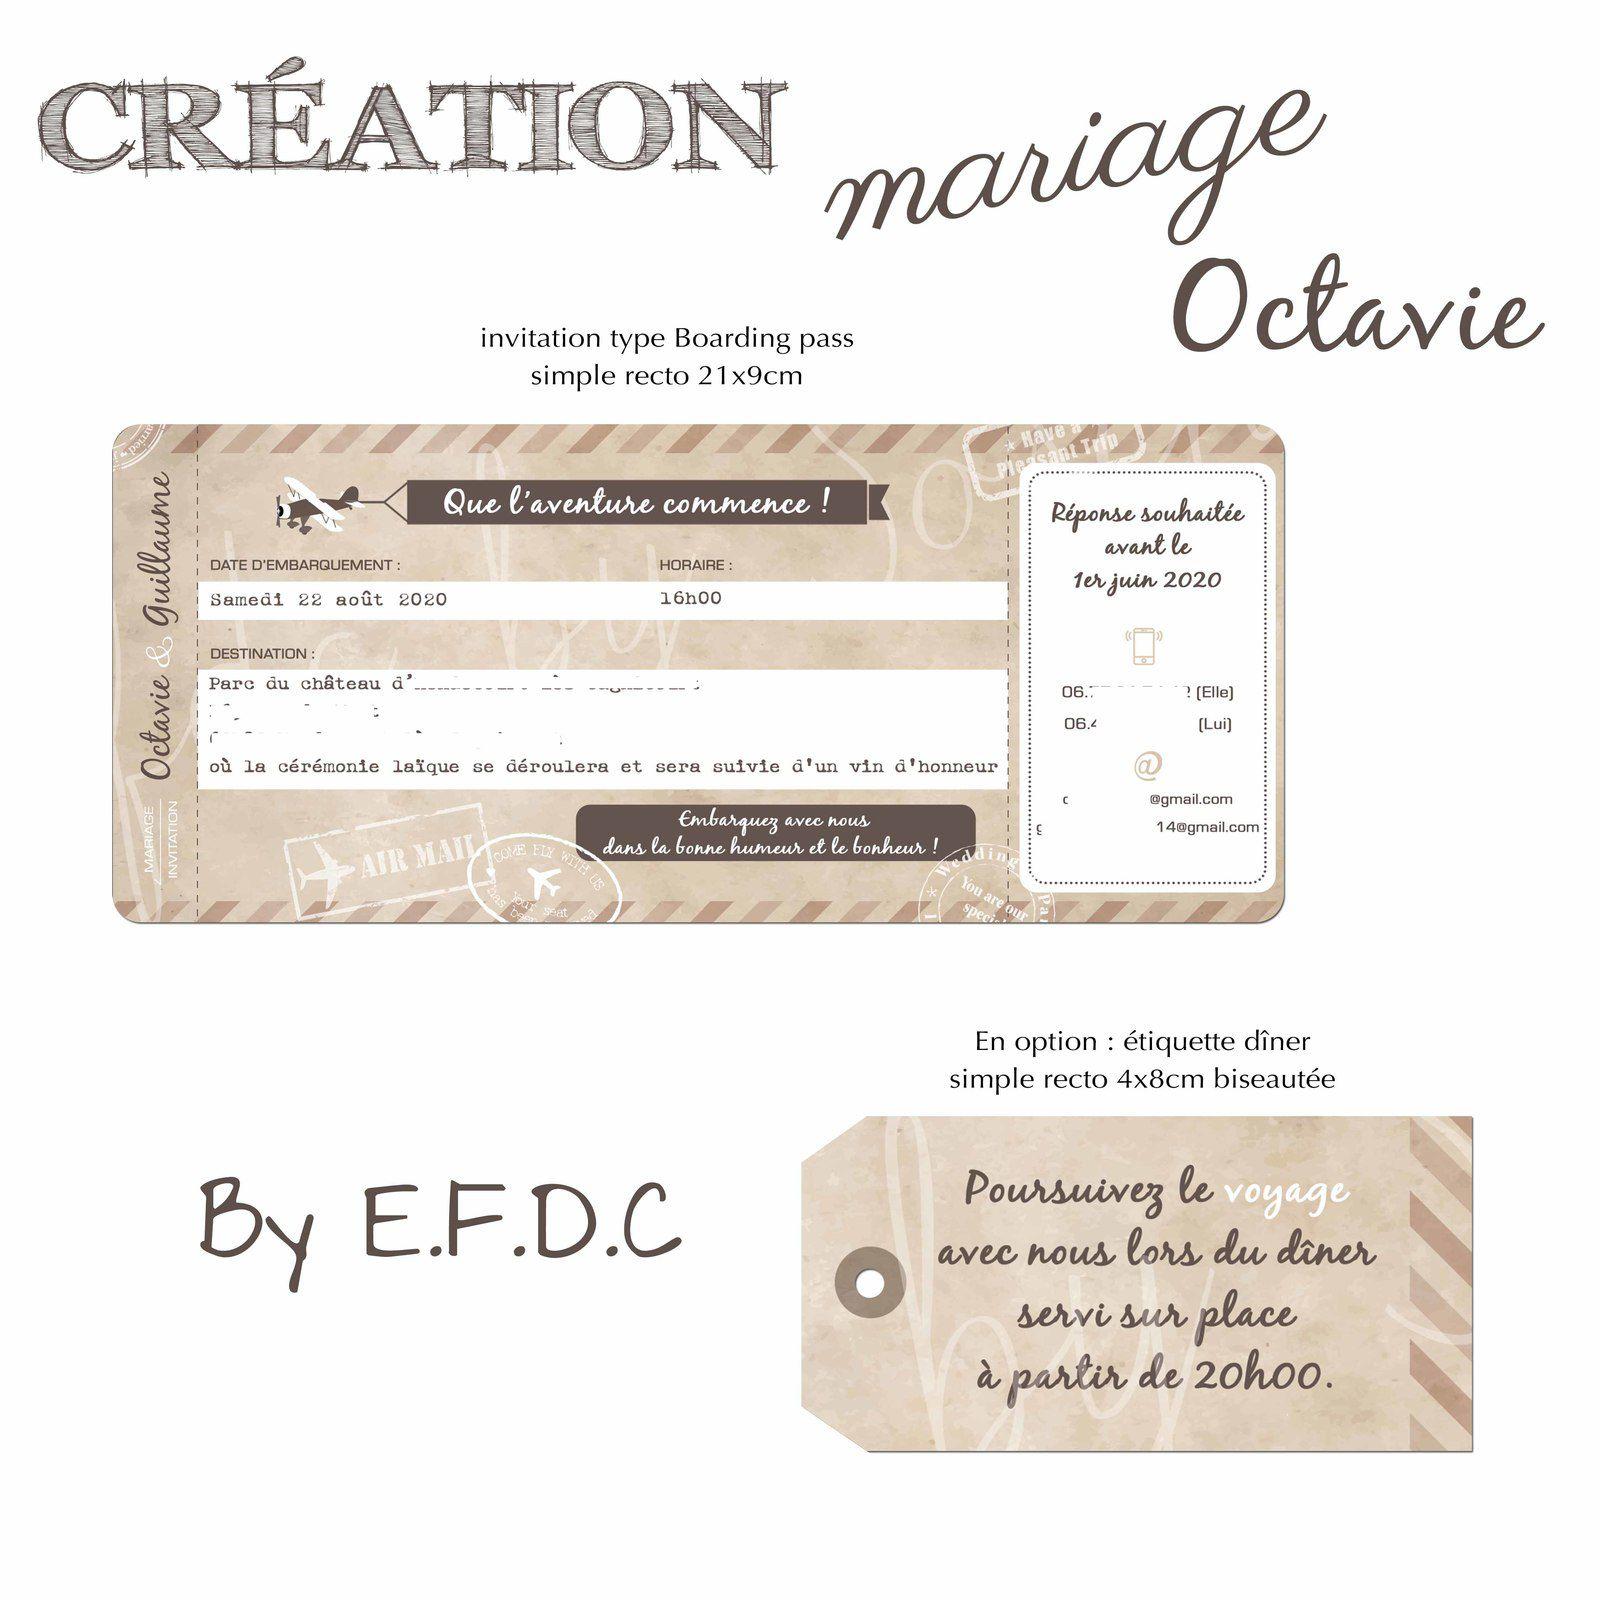 invitation mariage type boarding pass billet d'avion simple recto 21x9cm à intégrer dans pochette #efdcbysoscrap thème voyage rétro vintage avec étiquette biseautée pour le diner